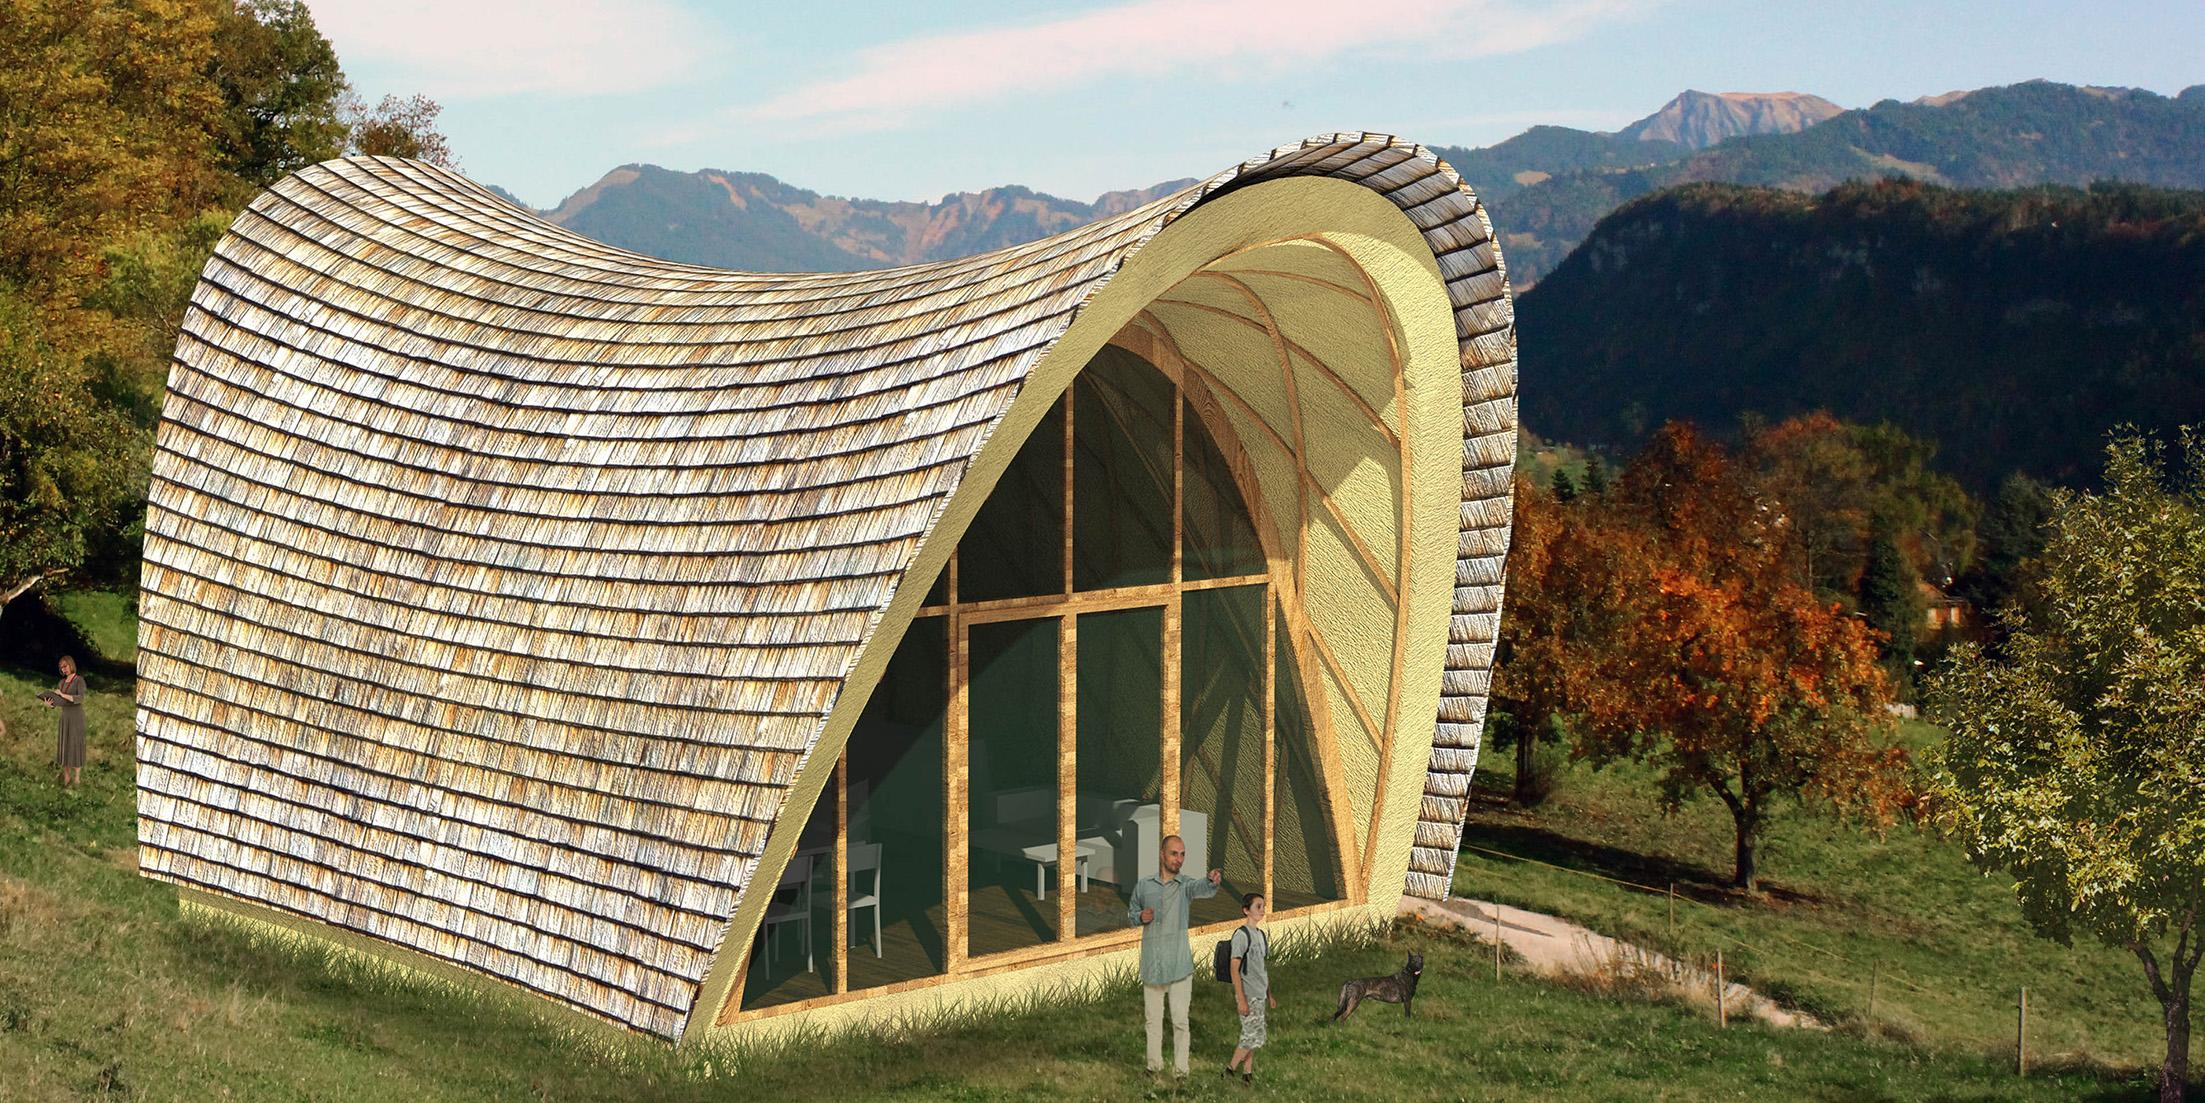 Architekturstudierende Der TU Graz Entwickeln Als Masterprojekt Die  Gebäudeinnovation U201eStrohboidu201c. Die Holzgitterkonstruktion Mit Strohballen,  ...